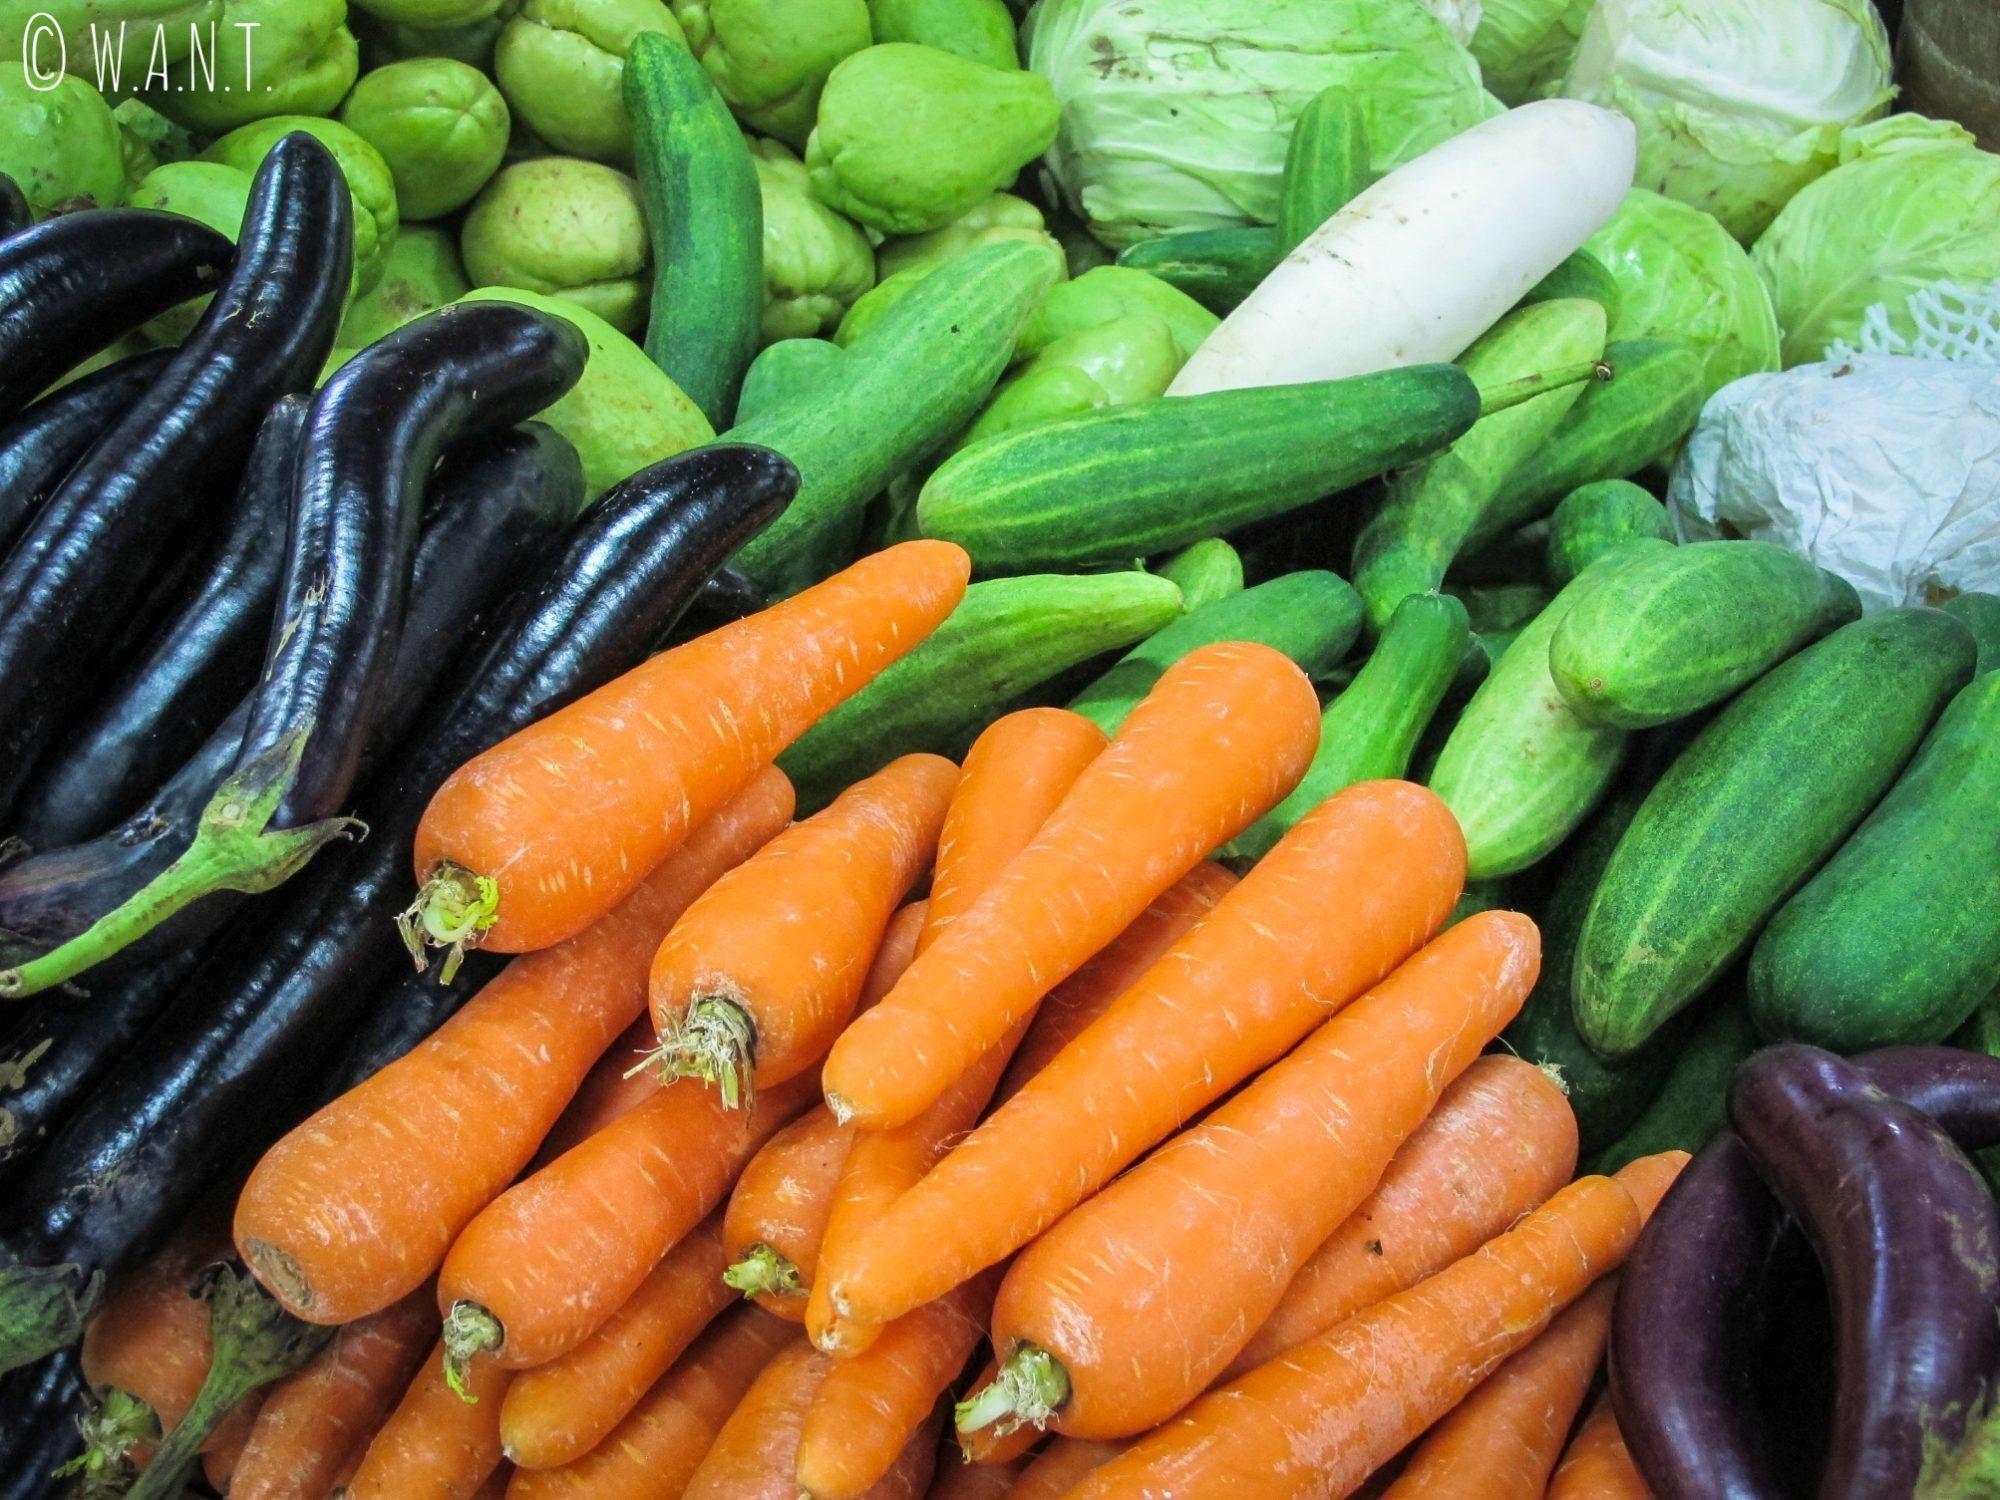 Légumes au marché Kianggeh de Bandar Seri Begawan